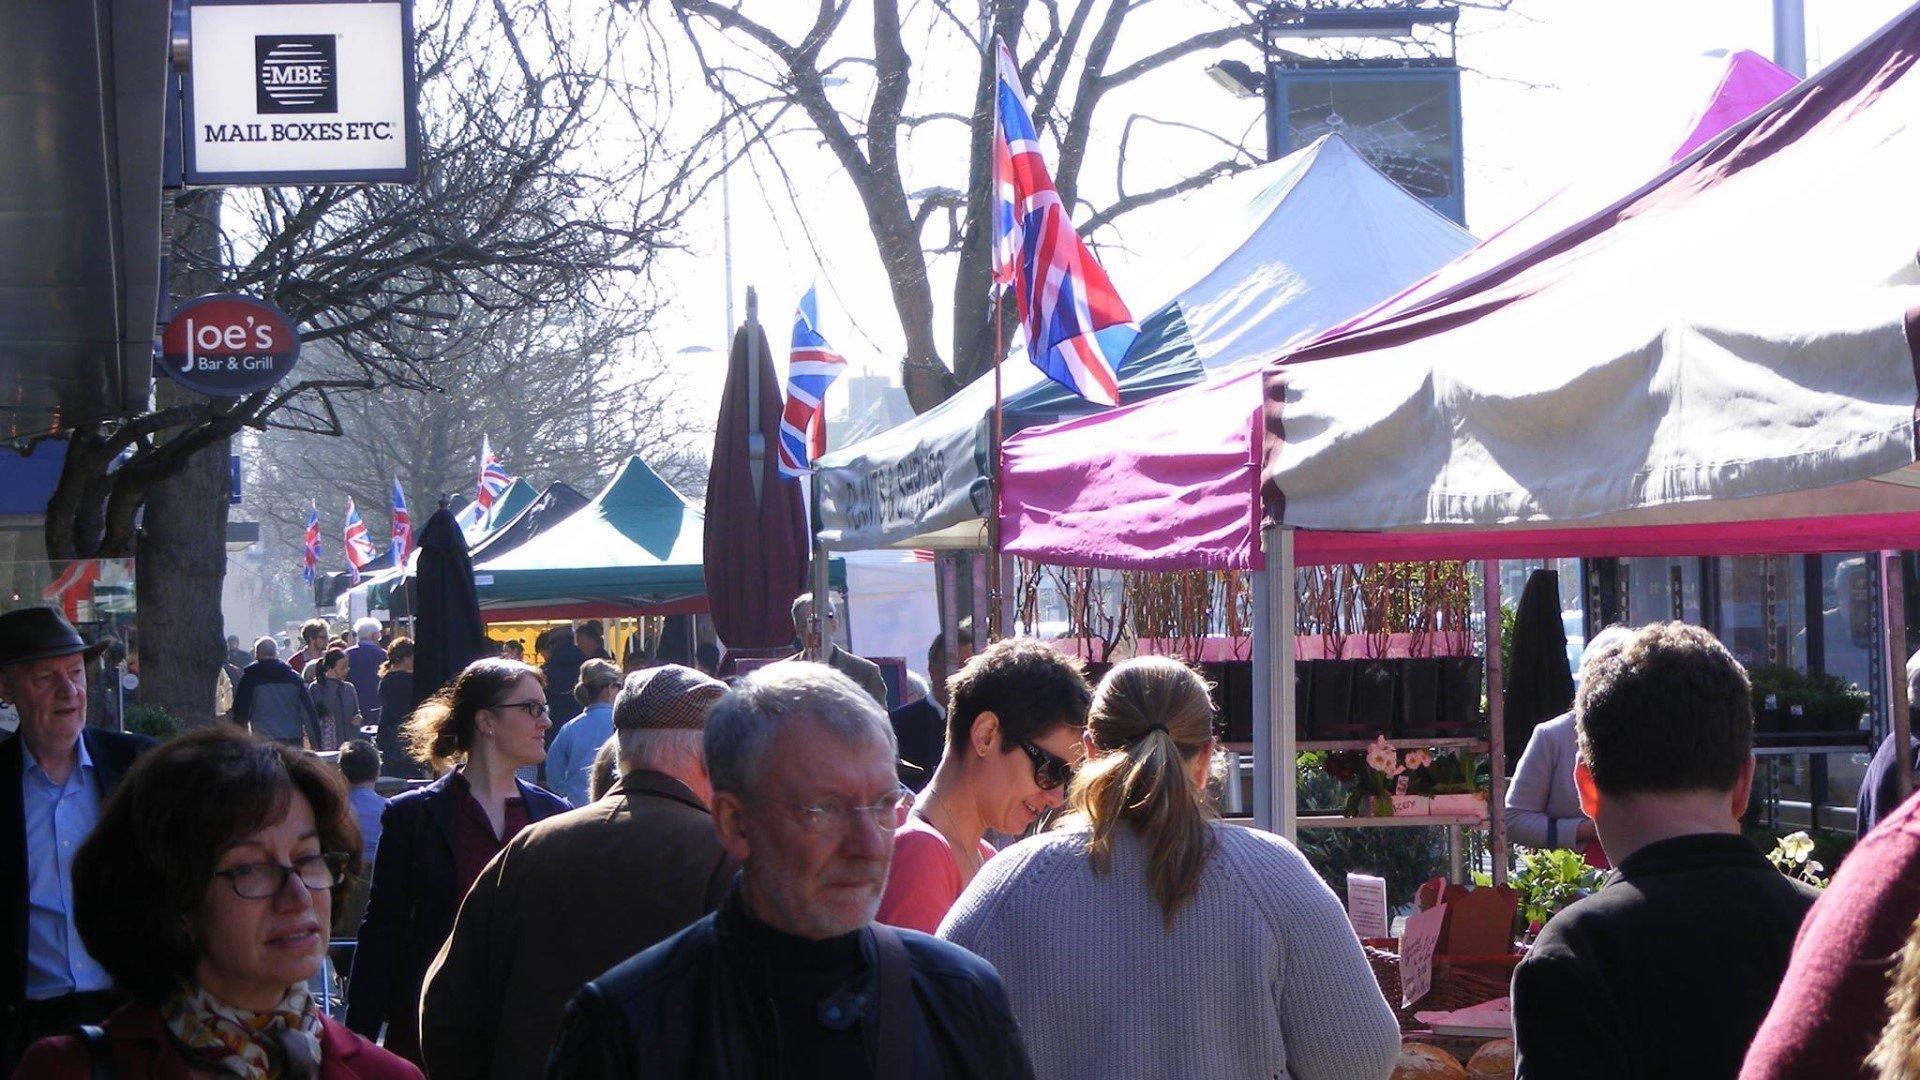 Summertown Artisan Farmers Market